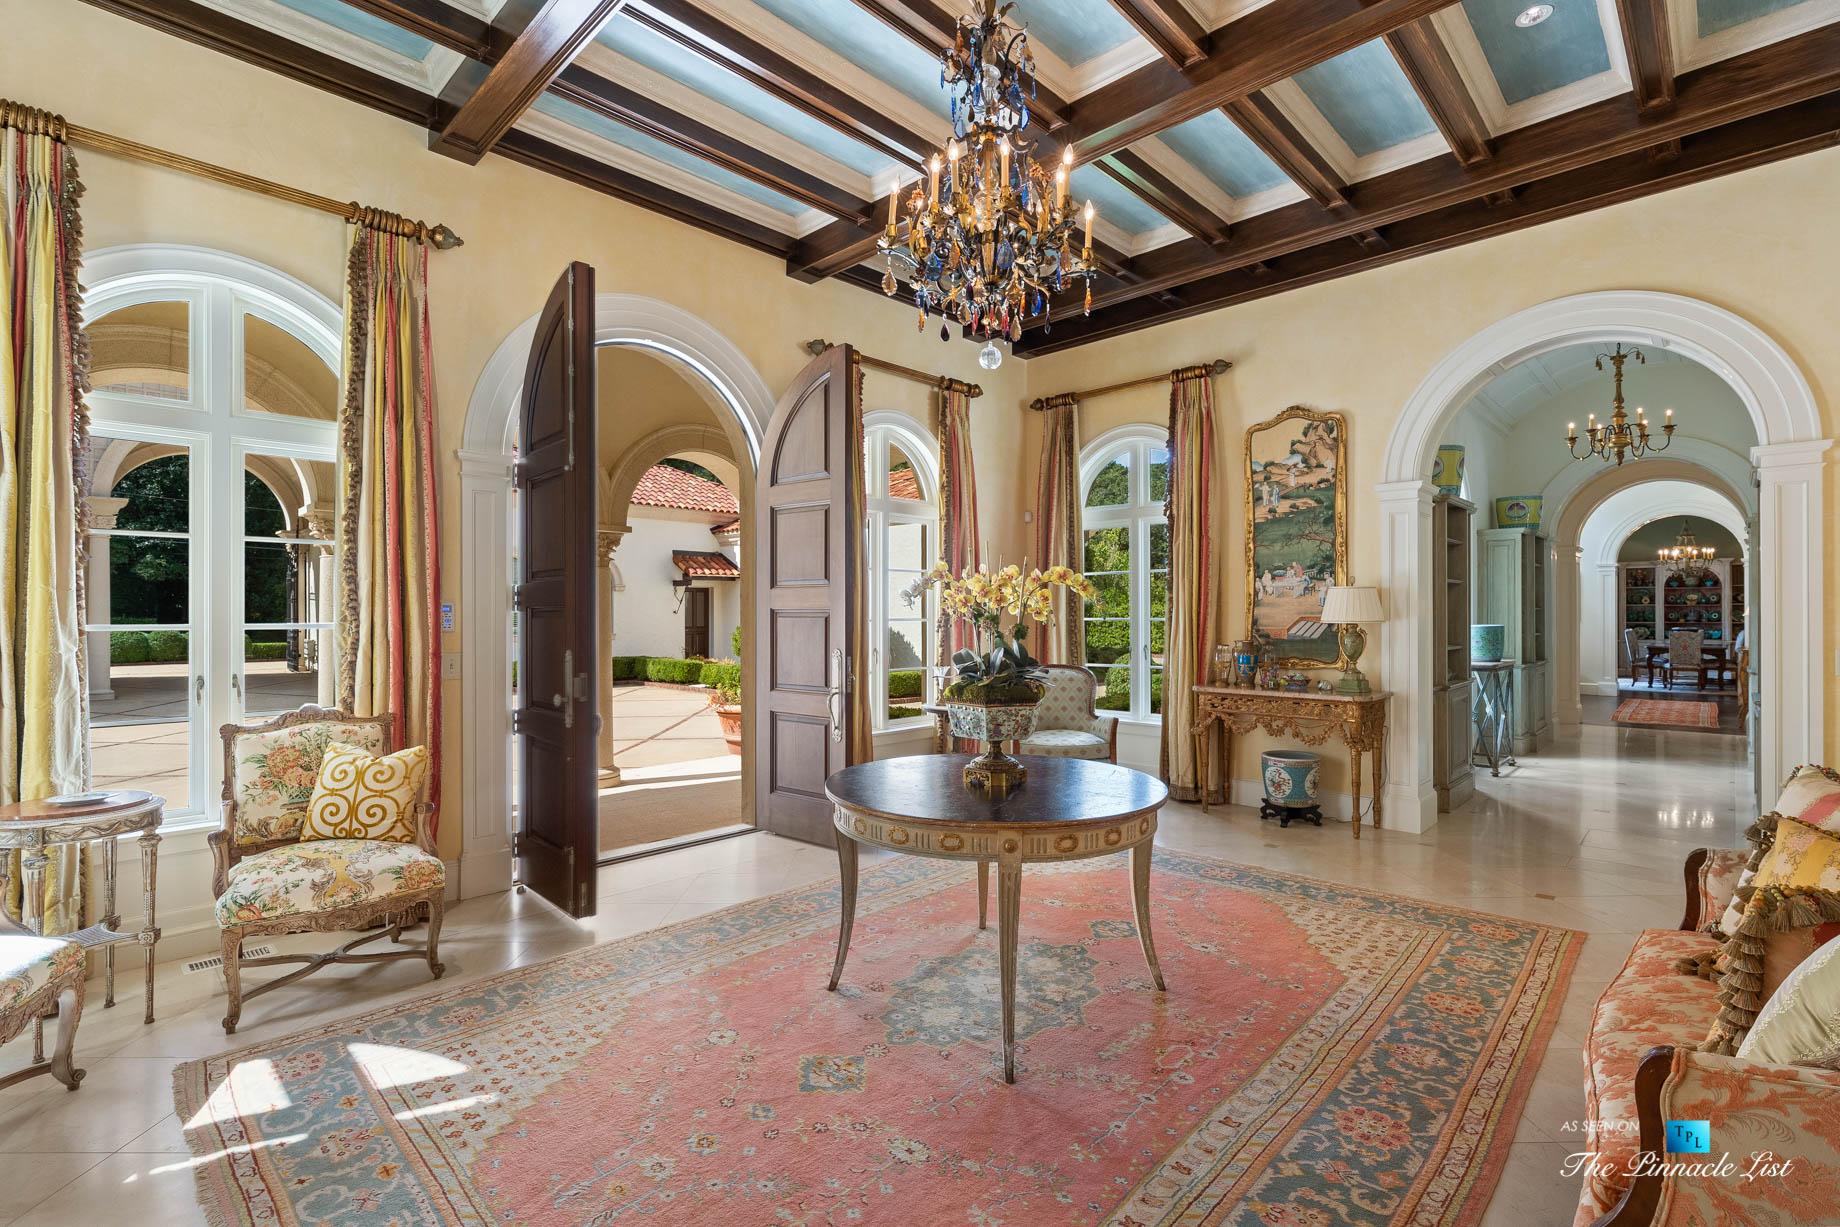 Tuxedo Park Mediterranean Estate – 439 Blackland Rd NW, Atlanta, GA, USA – Entry Foyer